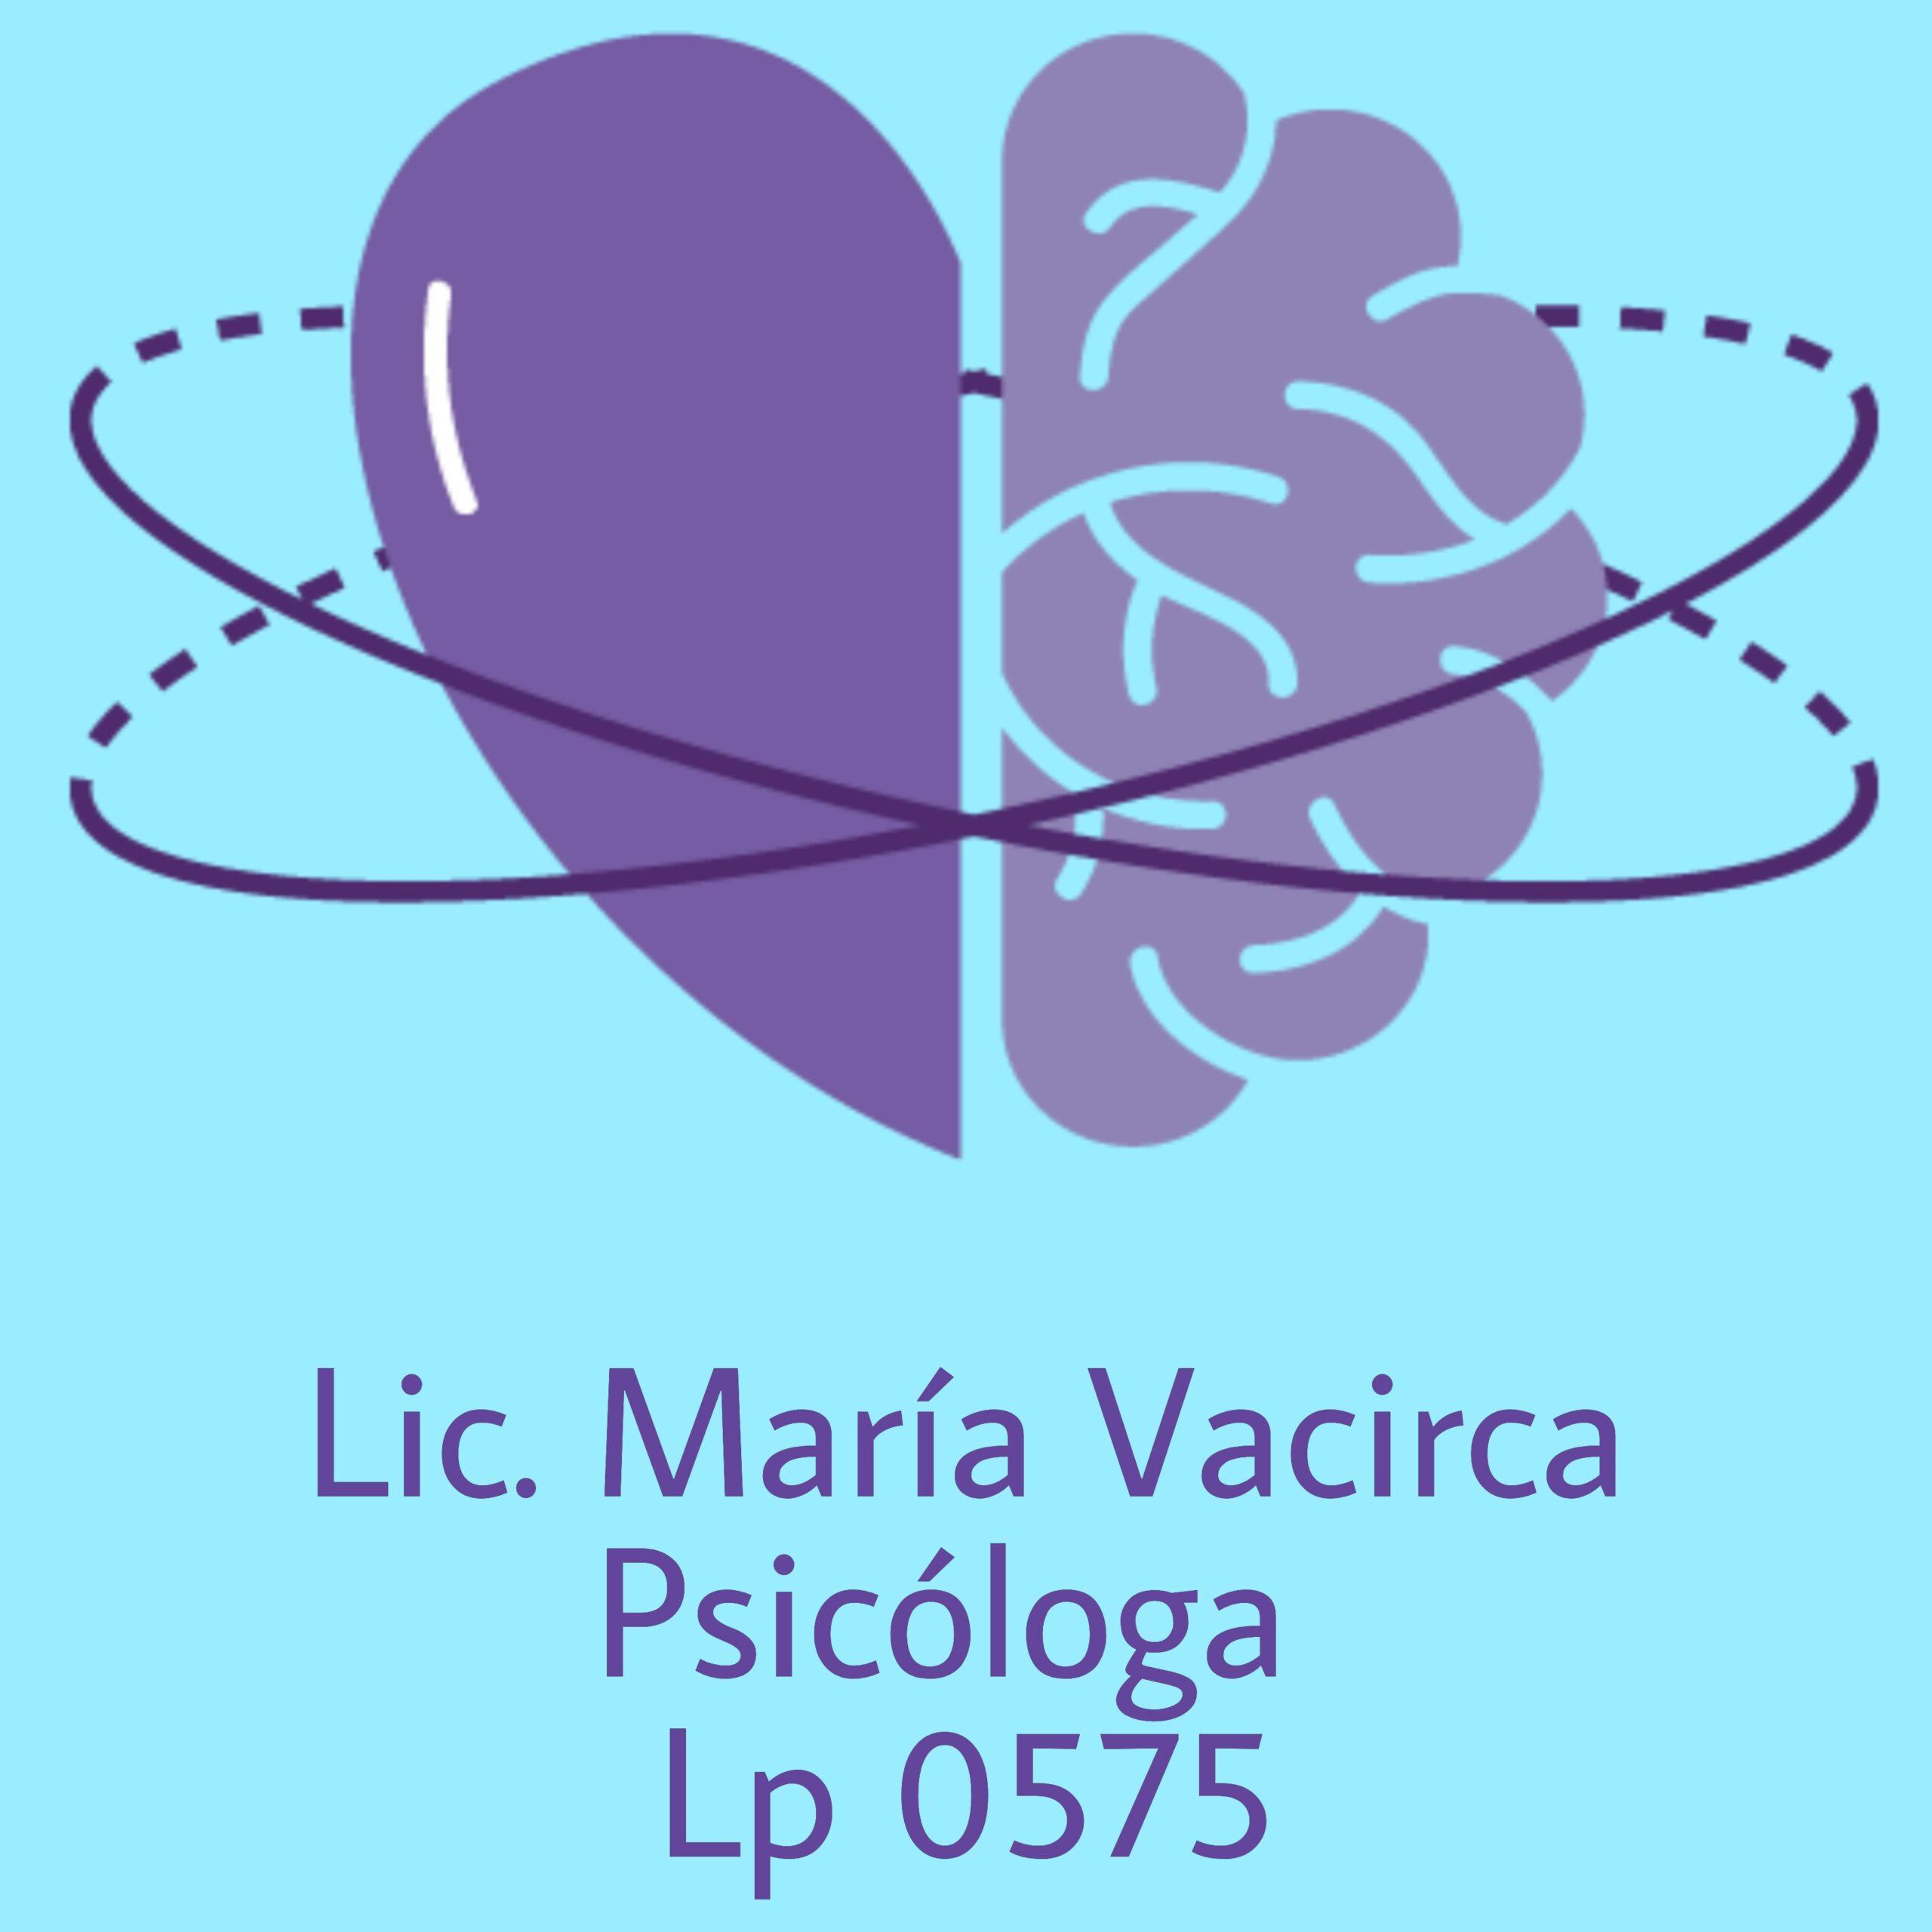 Lic. María Vacirca – Psicologa